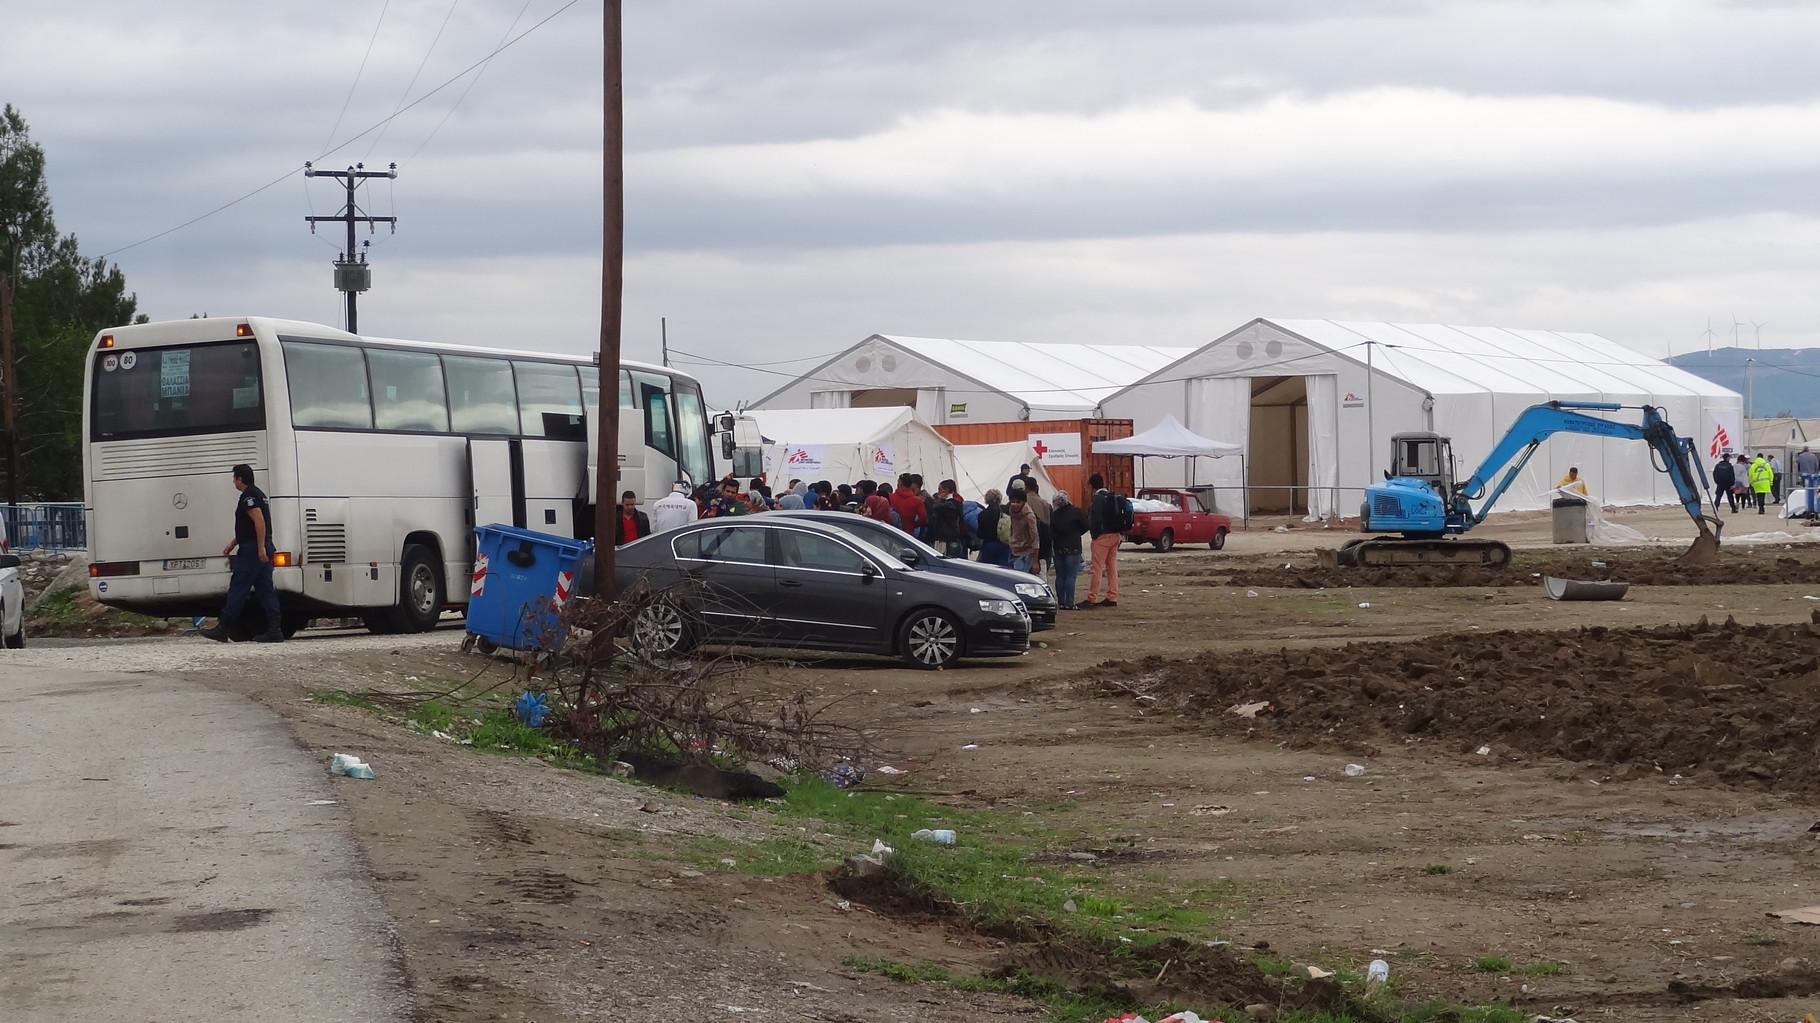 Refugeecamp in Eidomis/Idomeni